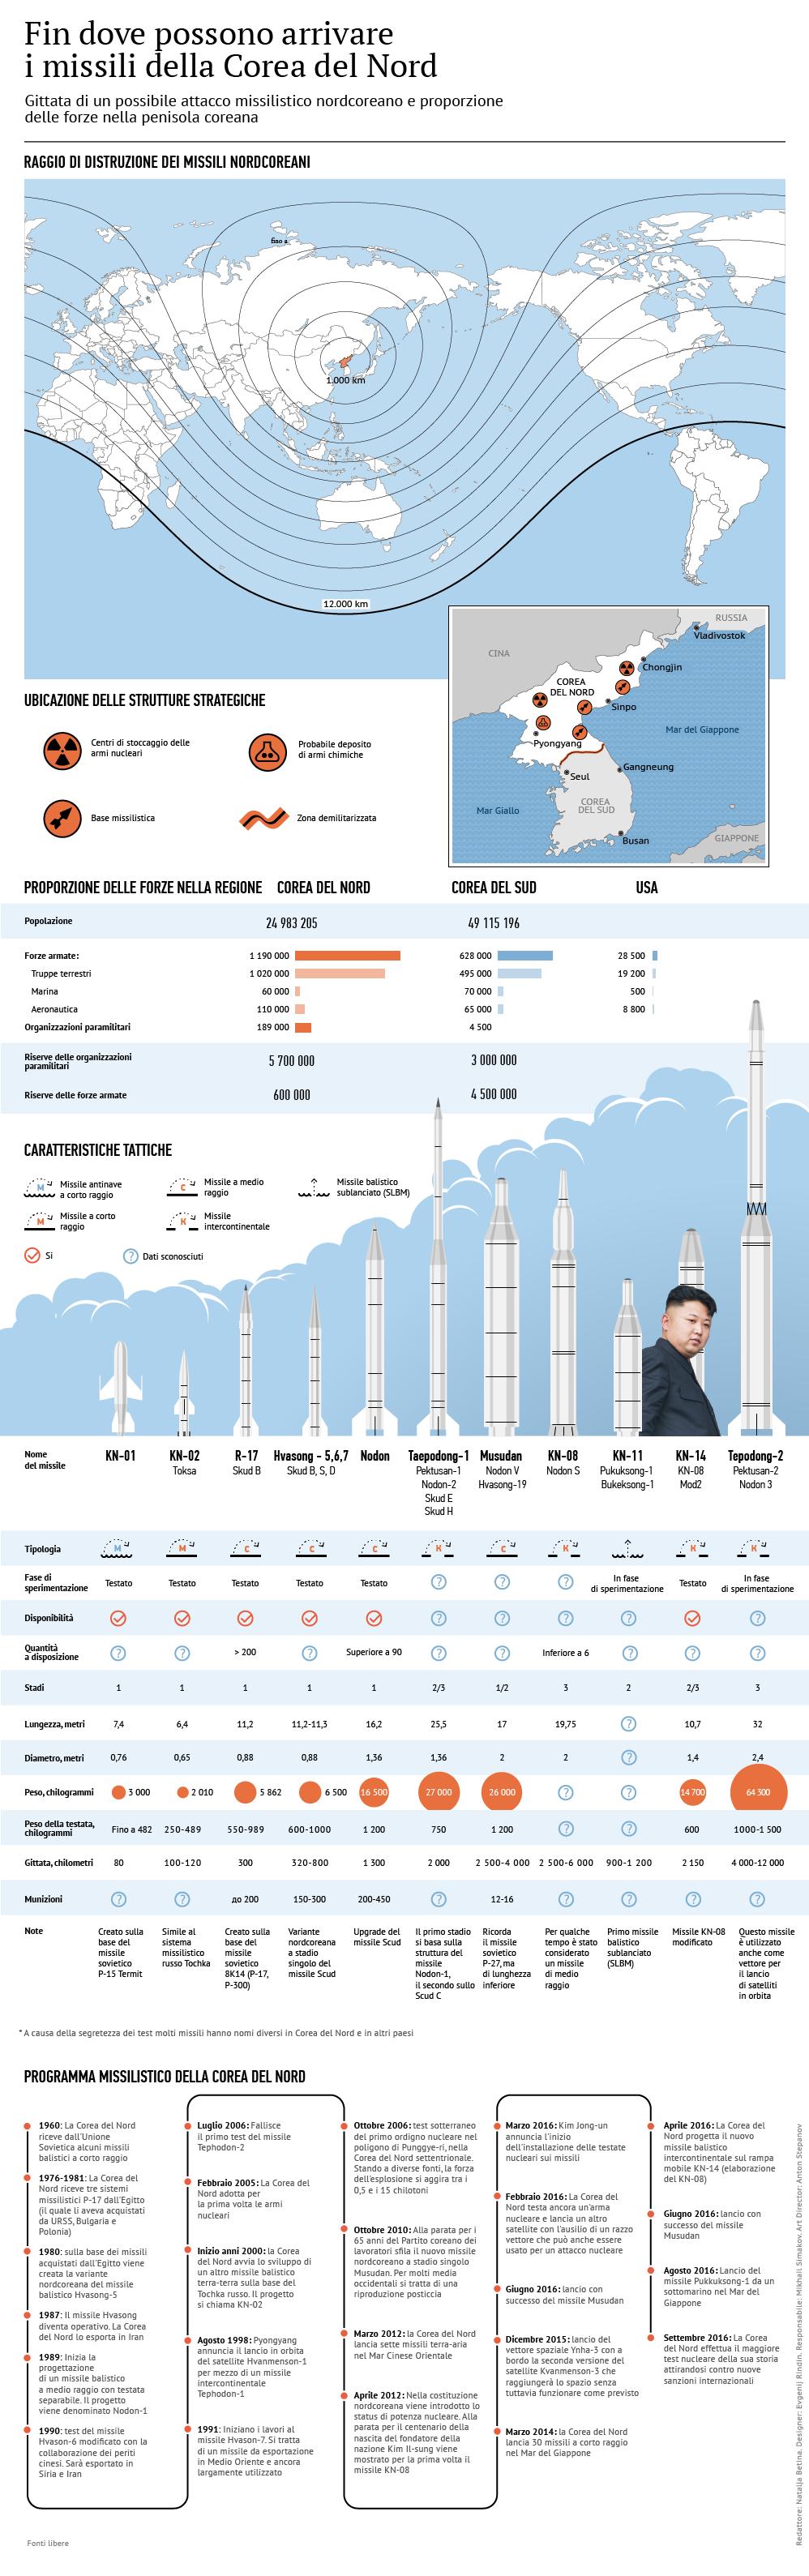 Fin dove possono arrivare i missili della Corea del Nord